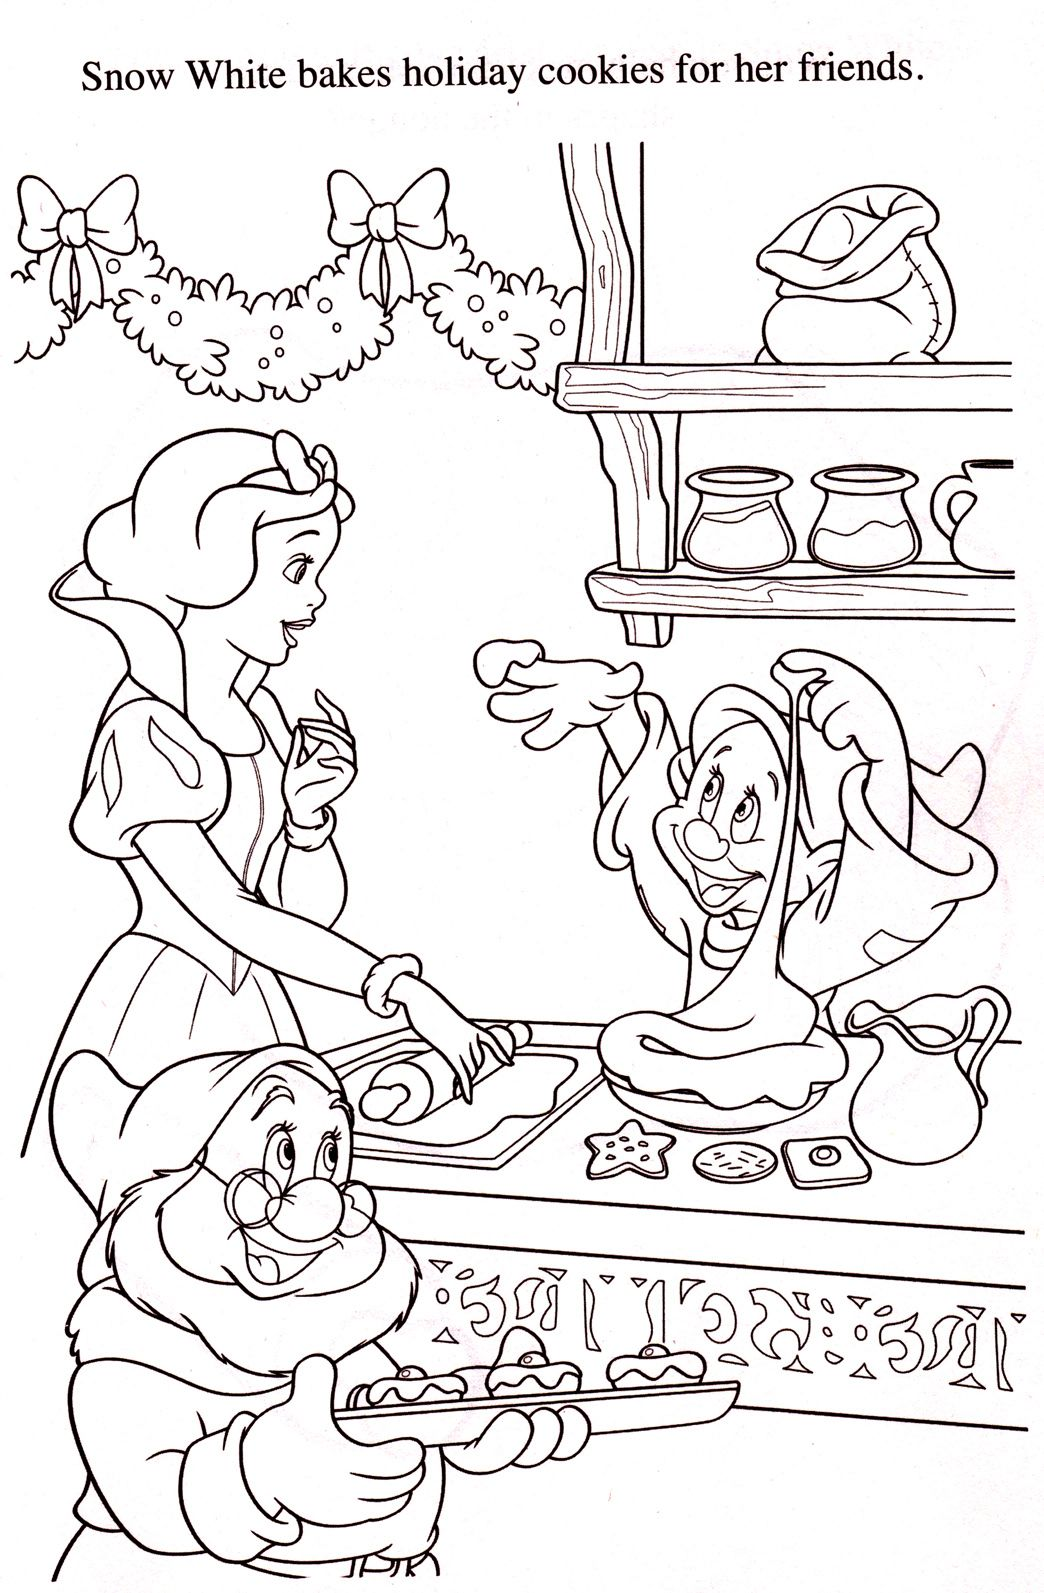 Snow White | Snow White | Pinterest | Colorear, Dibujo y Pintar